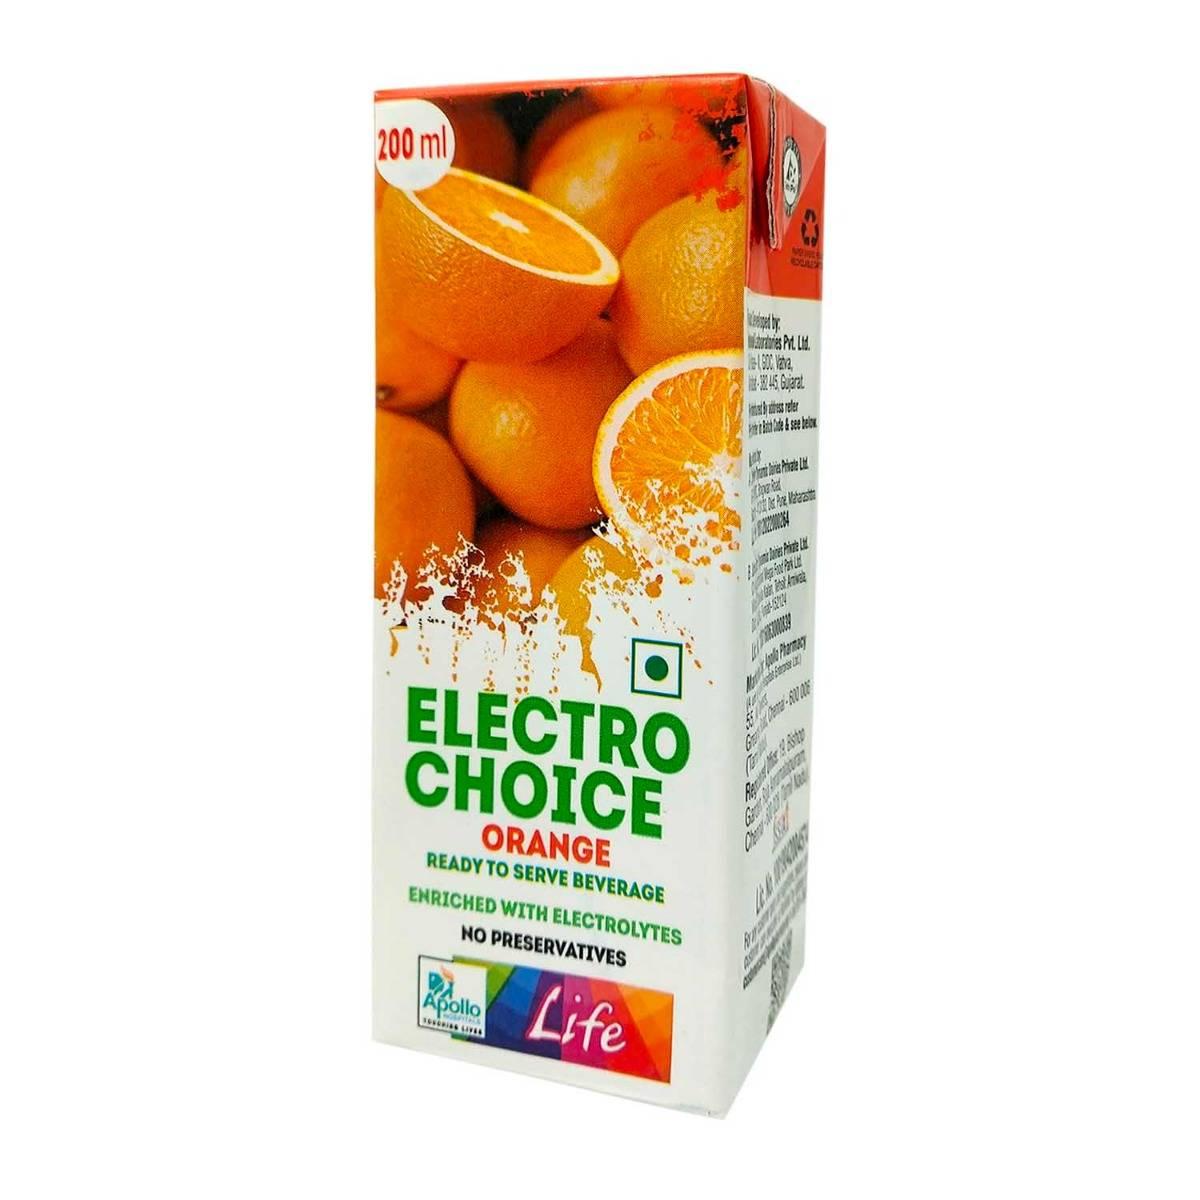 Apollo Life Orange Flavour Electro Choice, 200 ml, Pack of 1